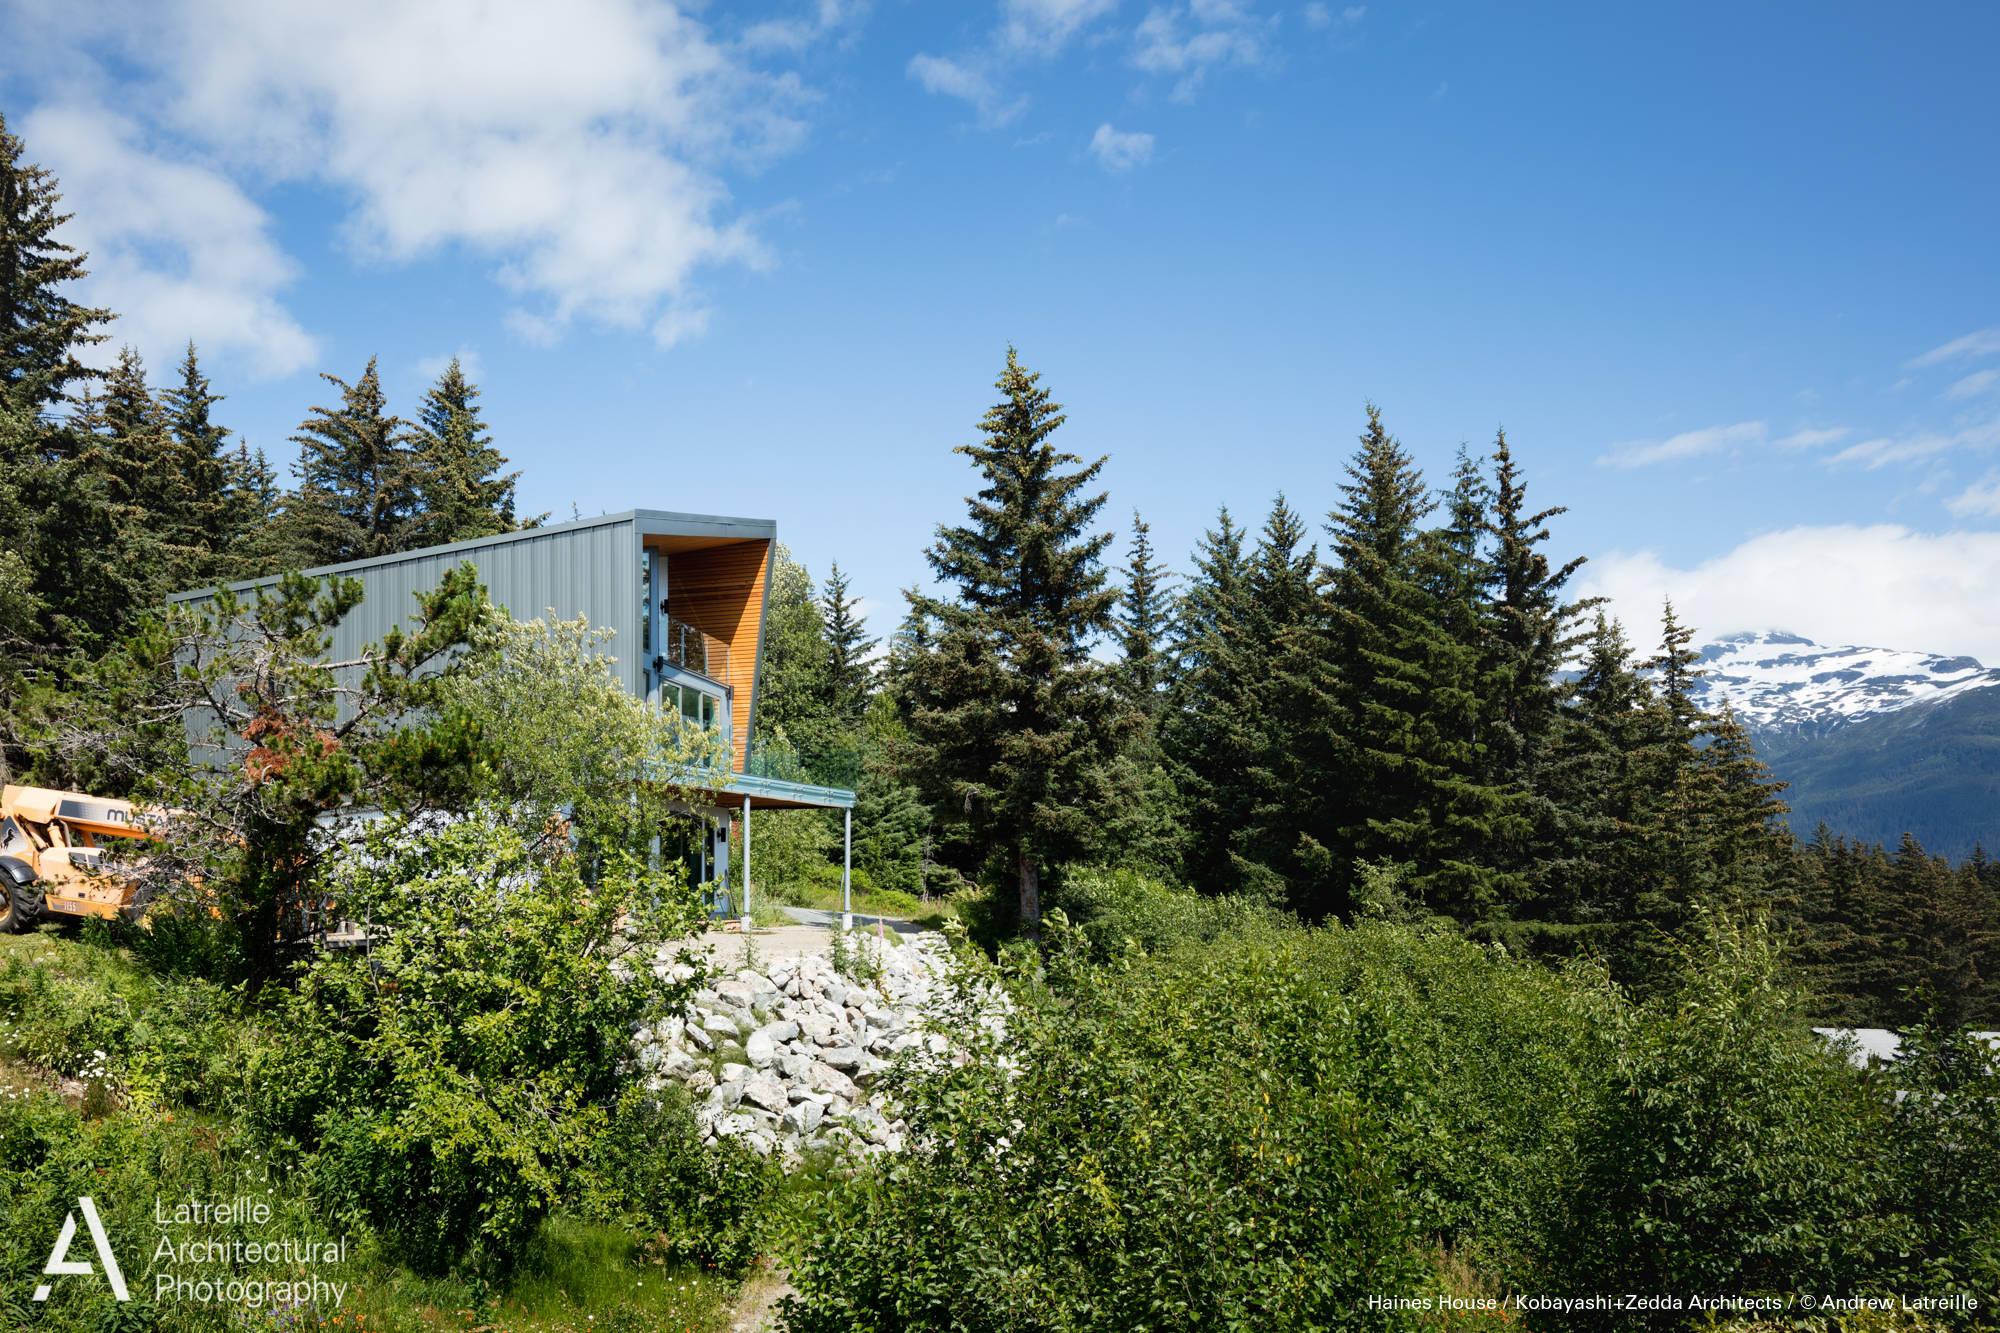 Haines House / Kobayashi+Zedda Architects